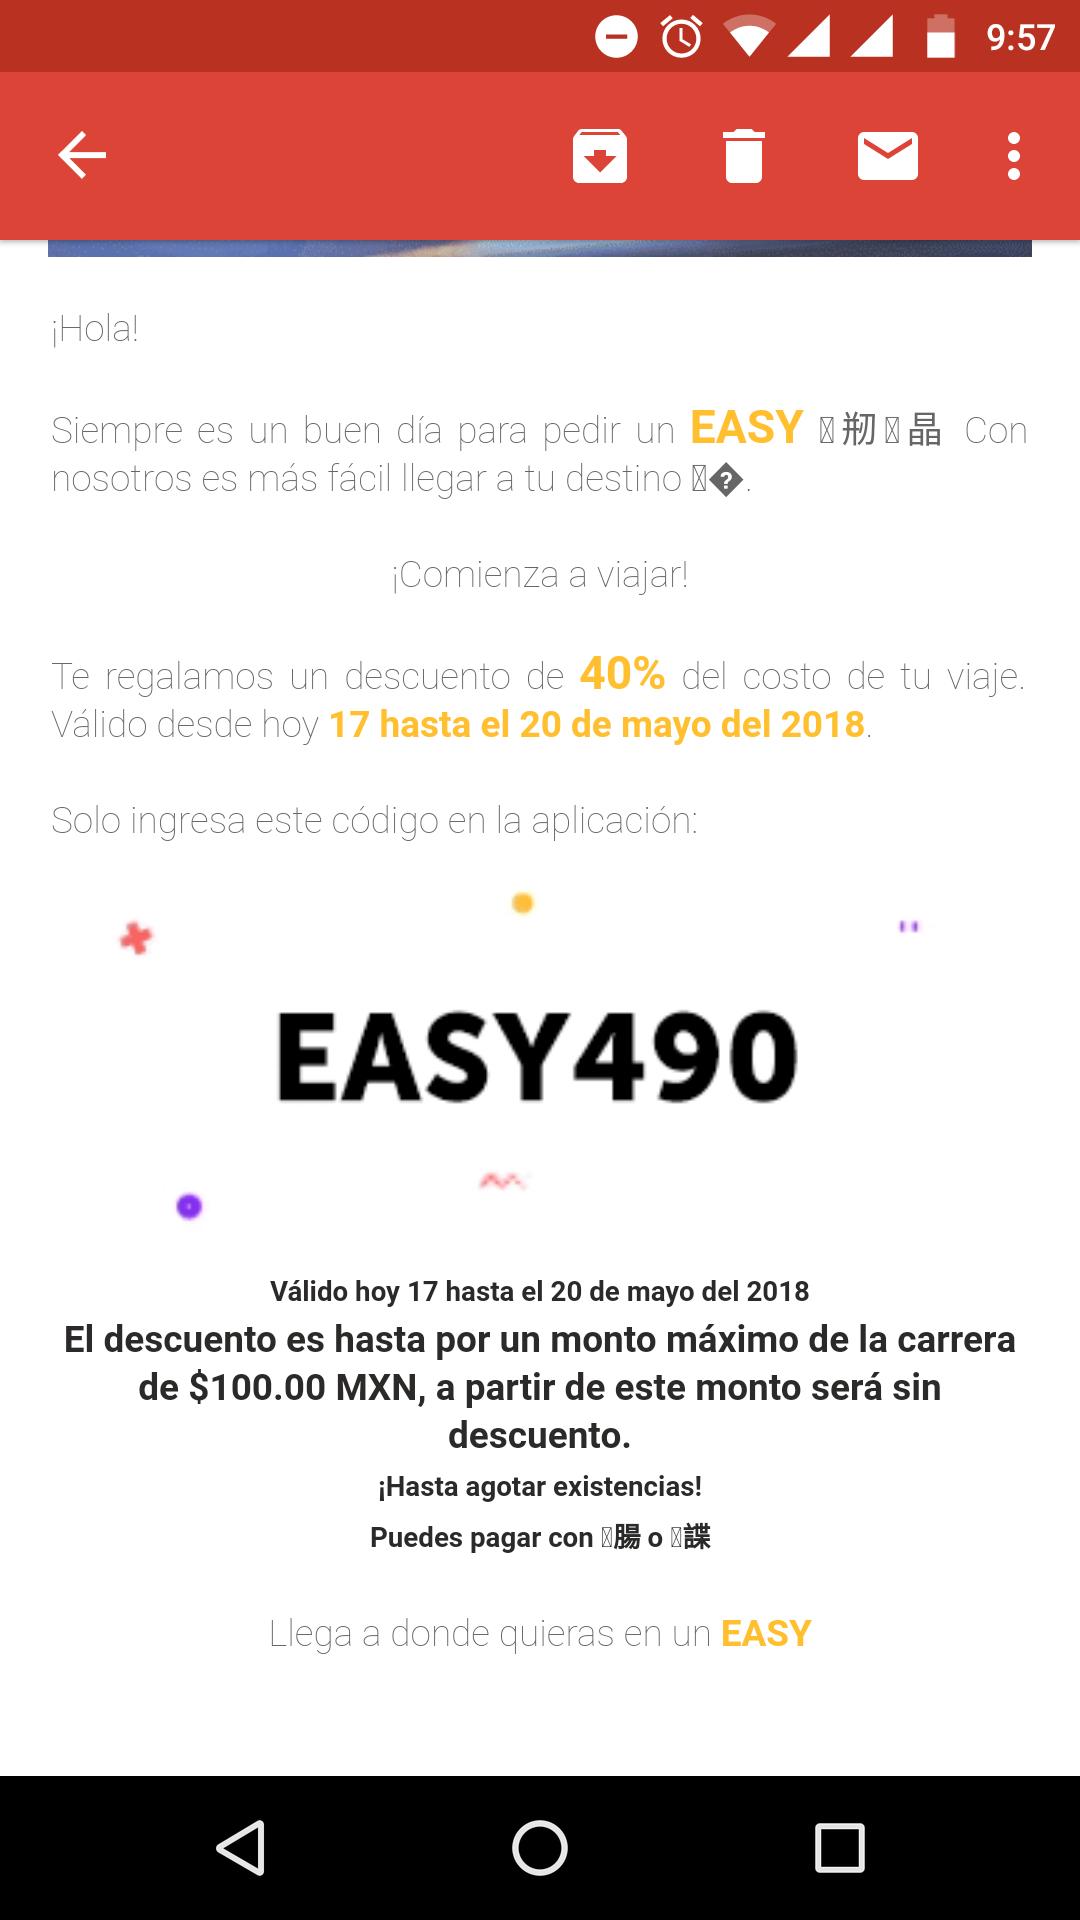 Easy Taxi: cupón de 40% de descuento (17 al20 de mayo)